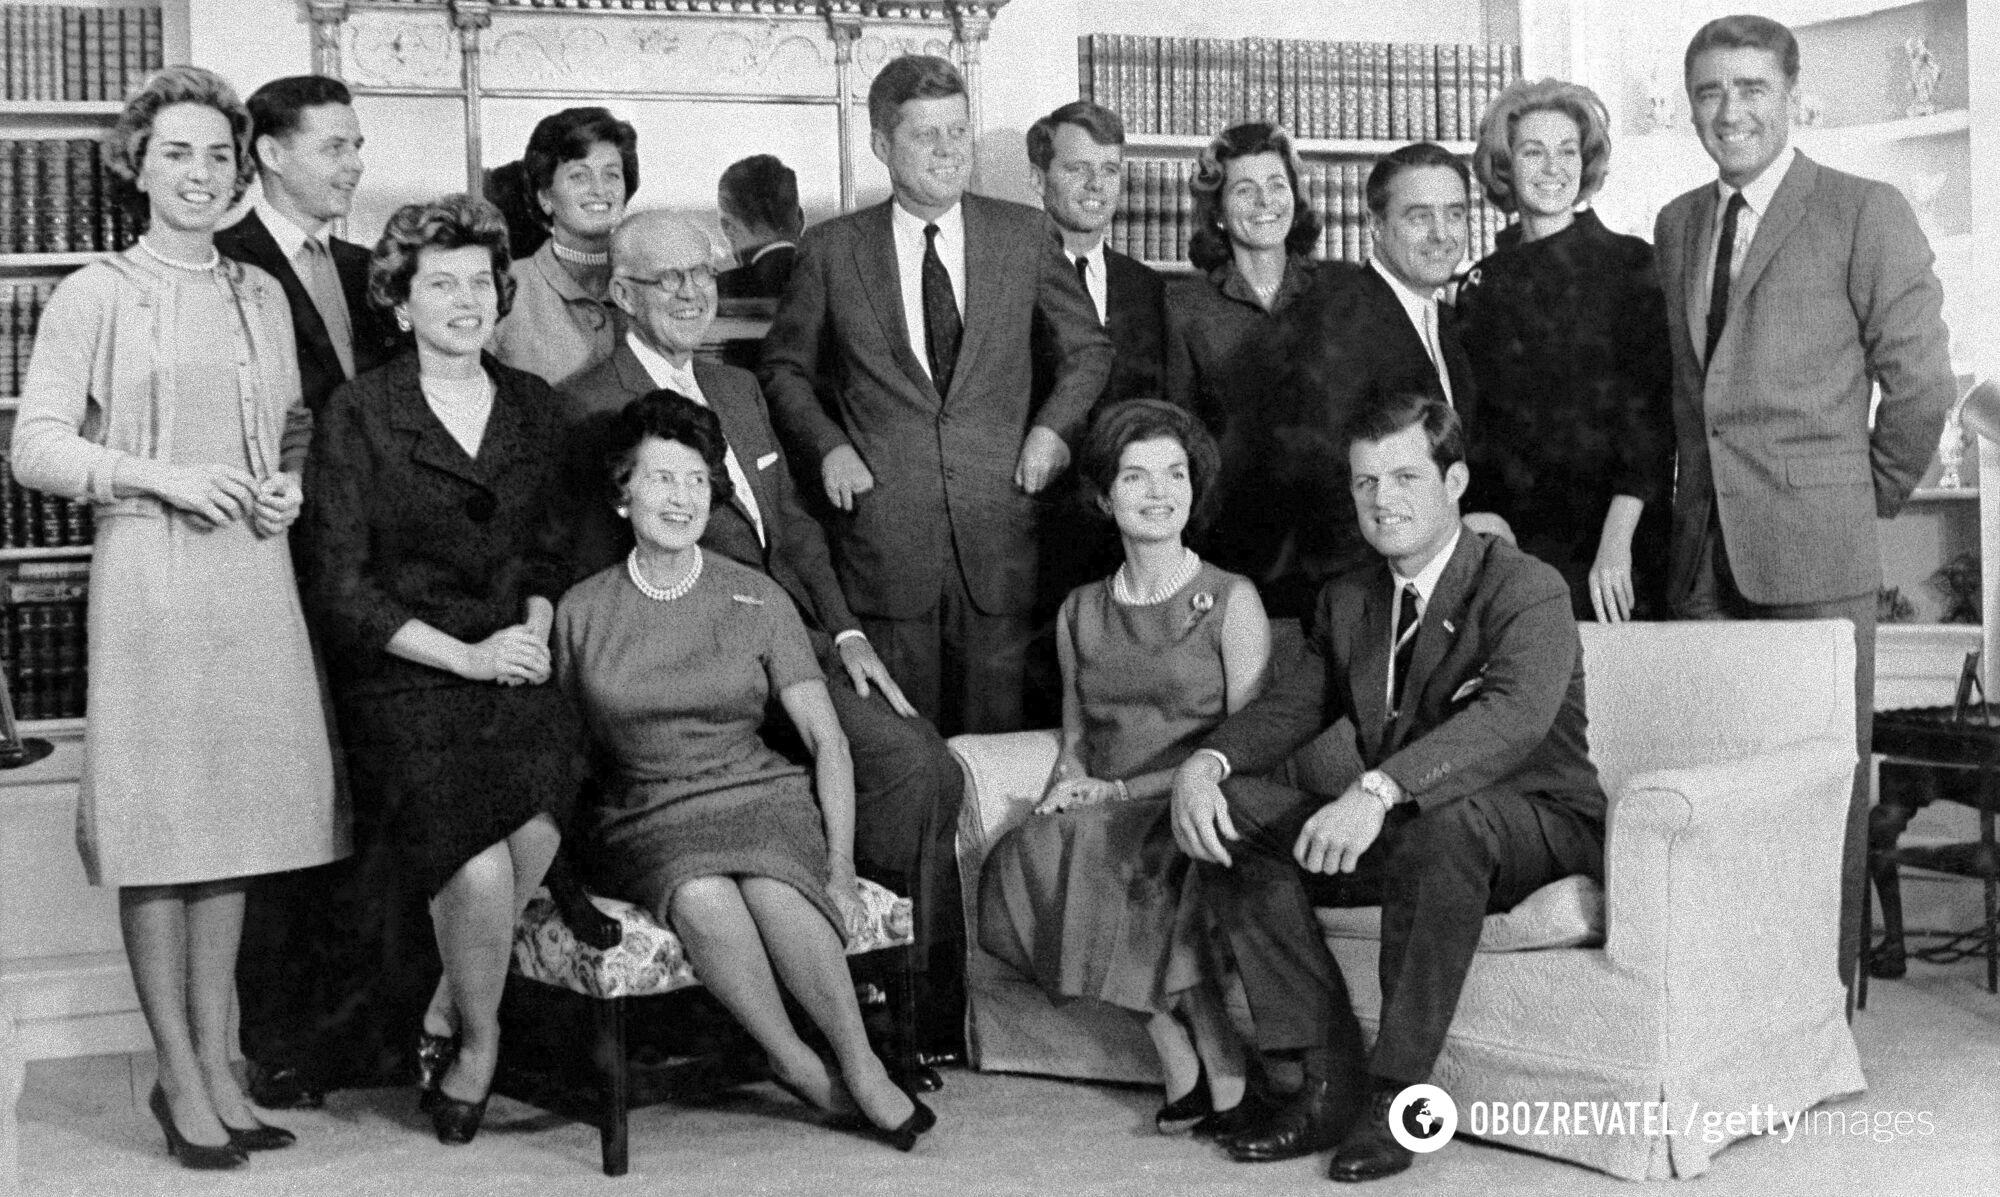 Вся сім'я Кеннеді